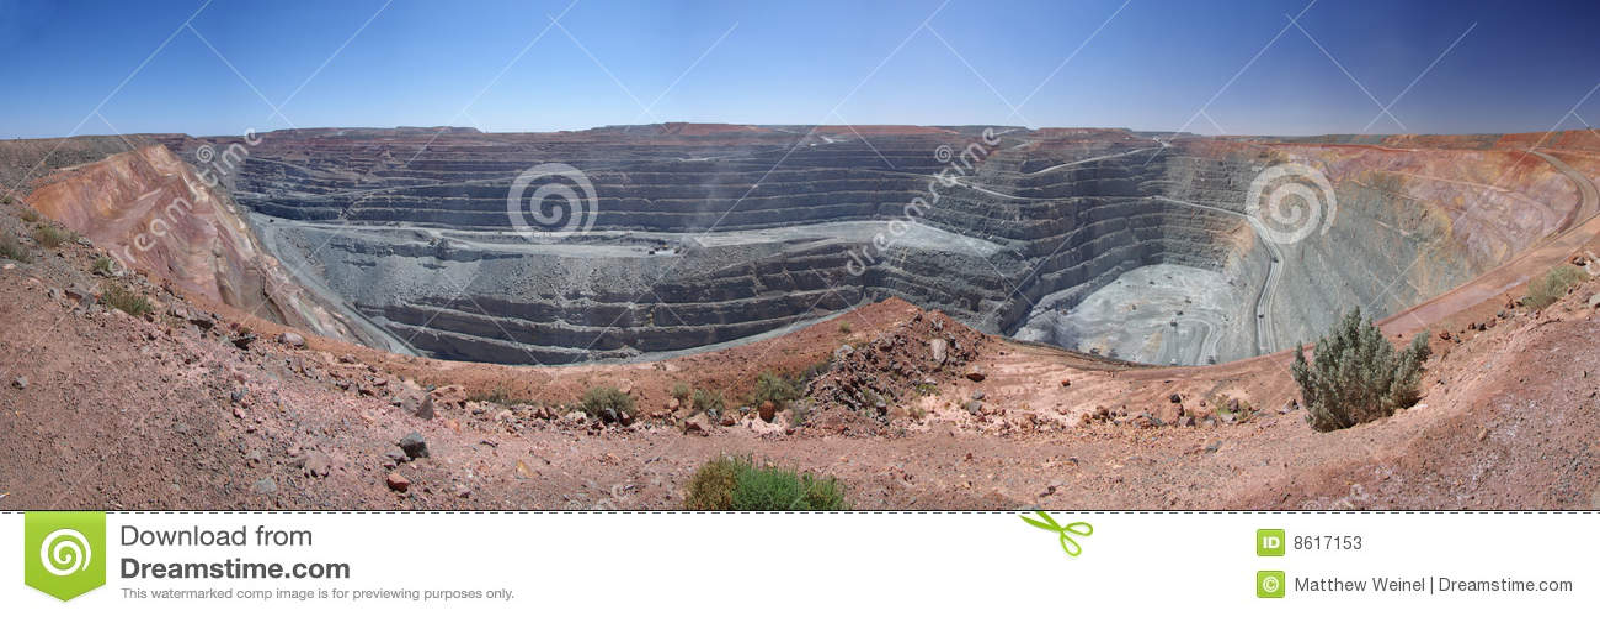 яма шахты kalgoorlie супер